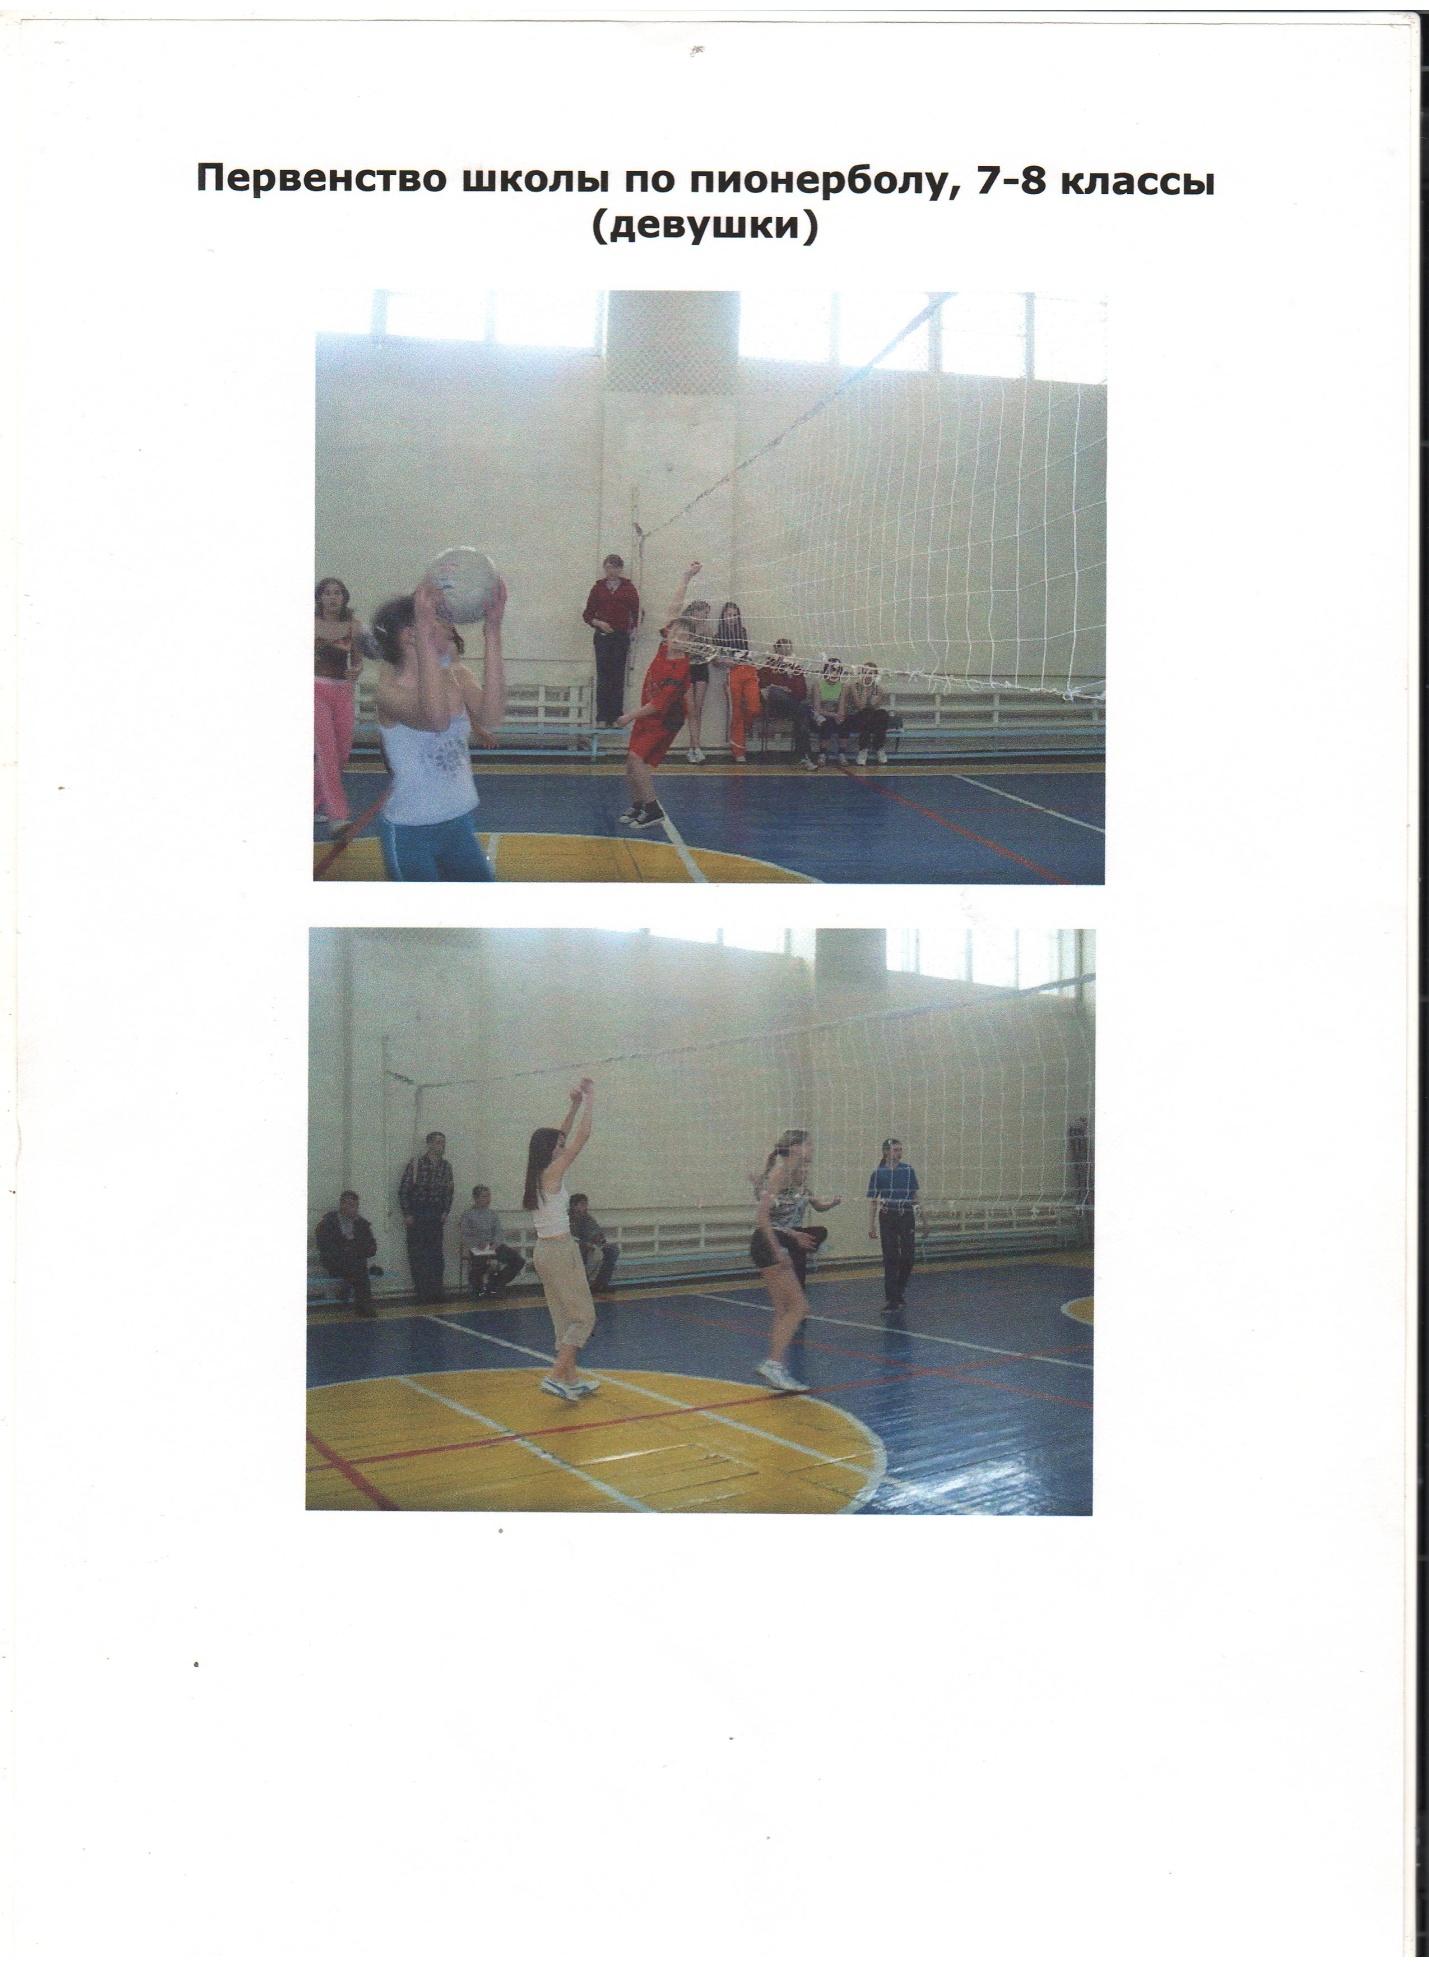 F:\фото и урок по волейболу\scan 9.jpg